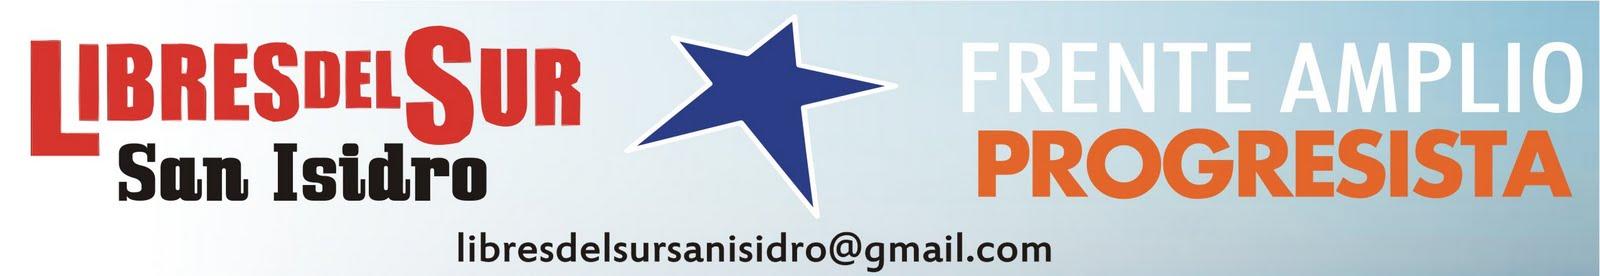 Movimiento Libres del Sur San Isidro - Es tiempo de pasar al frente.